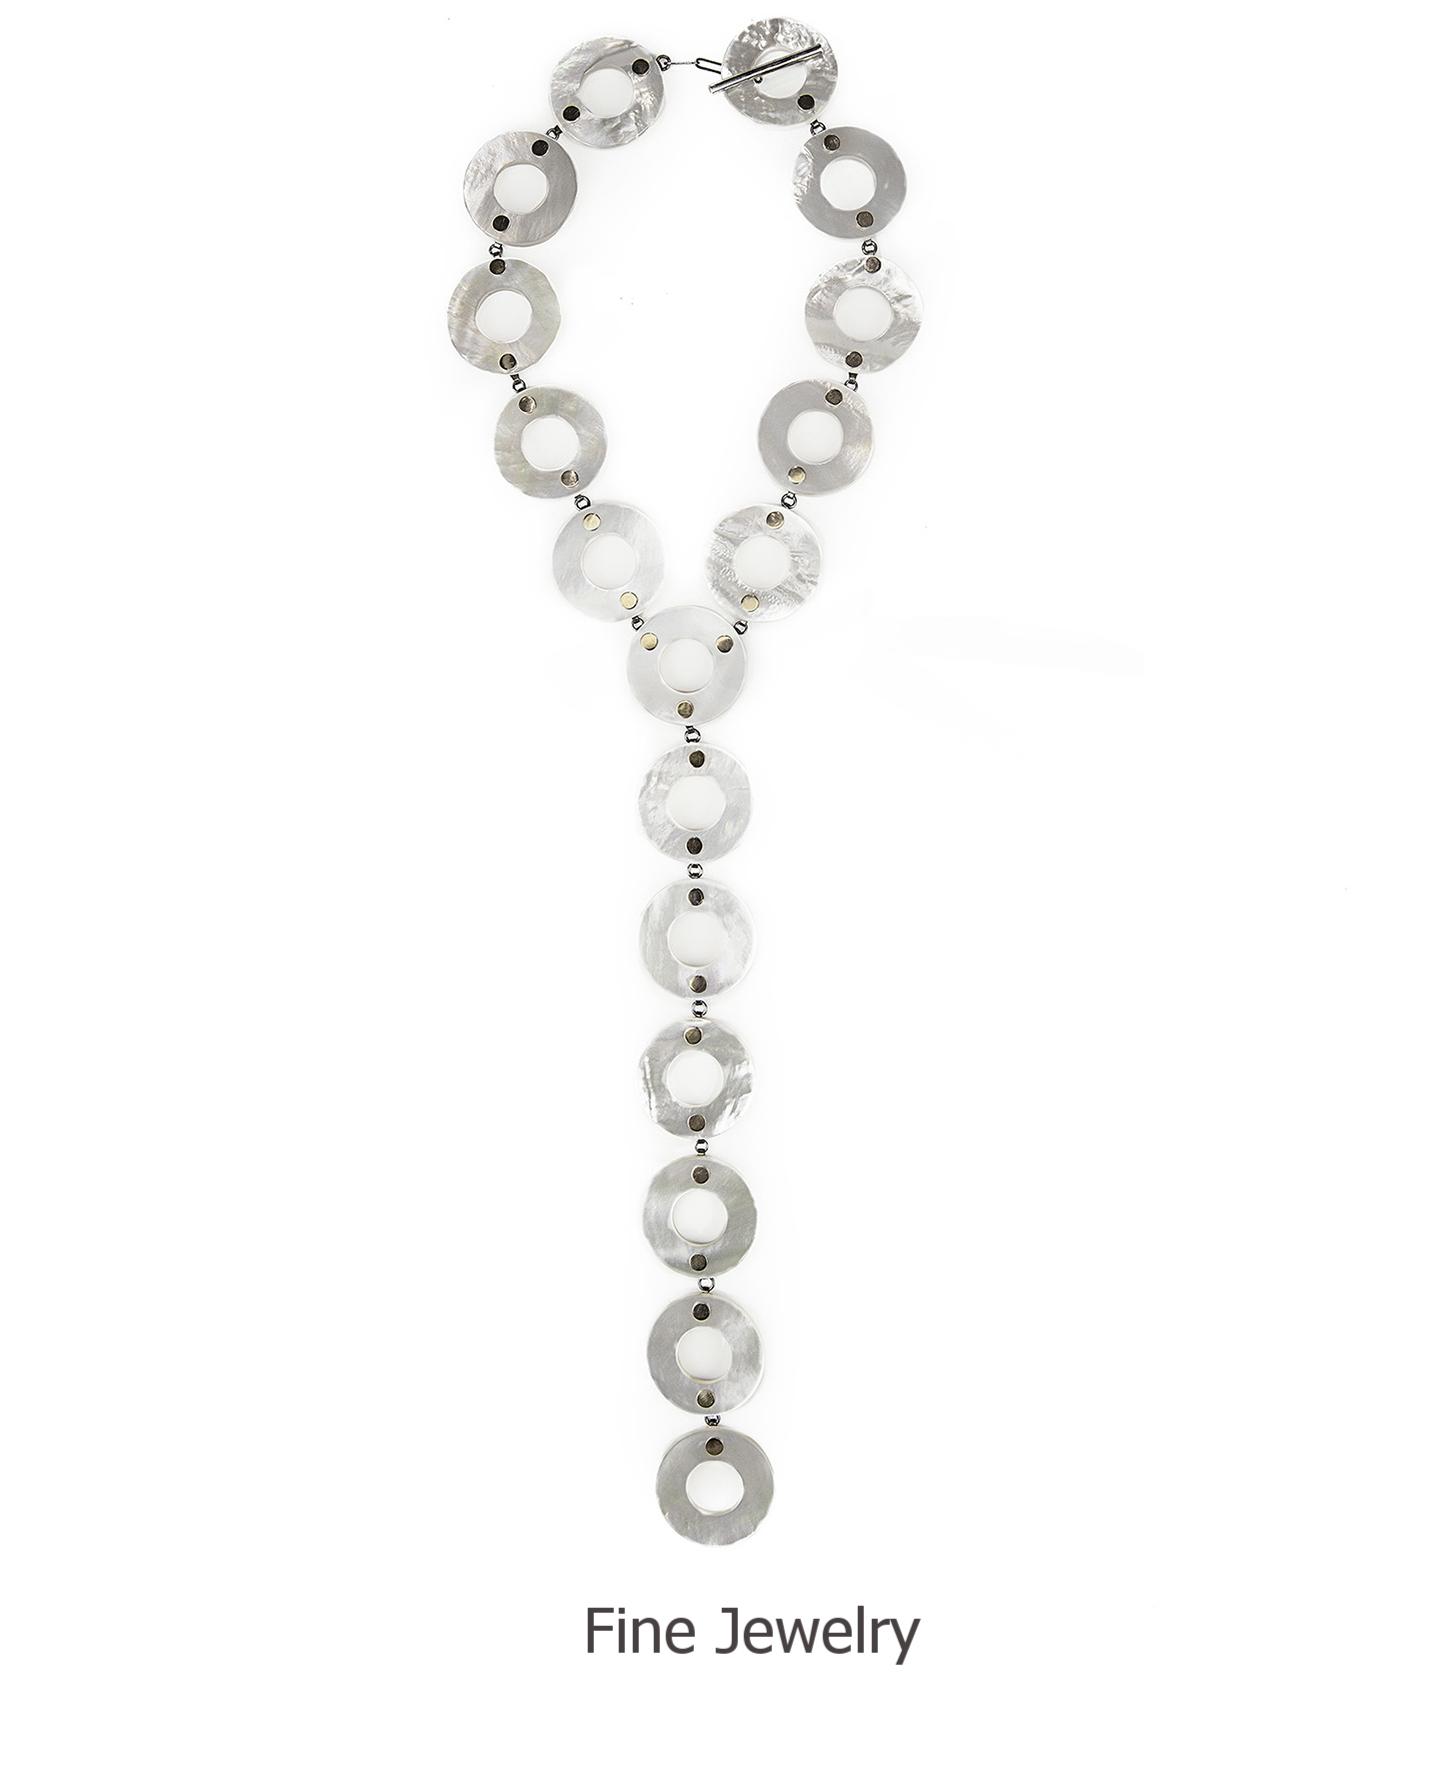 Mariana Antinori Fine Jewelry